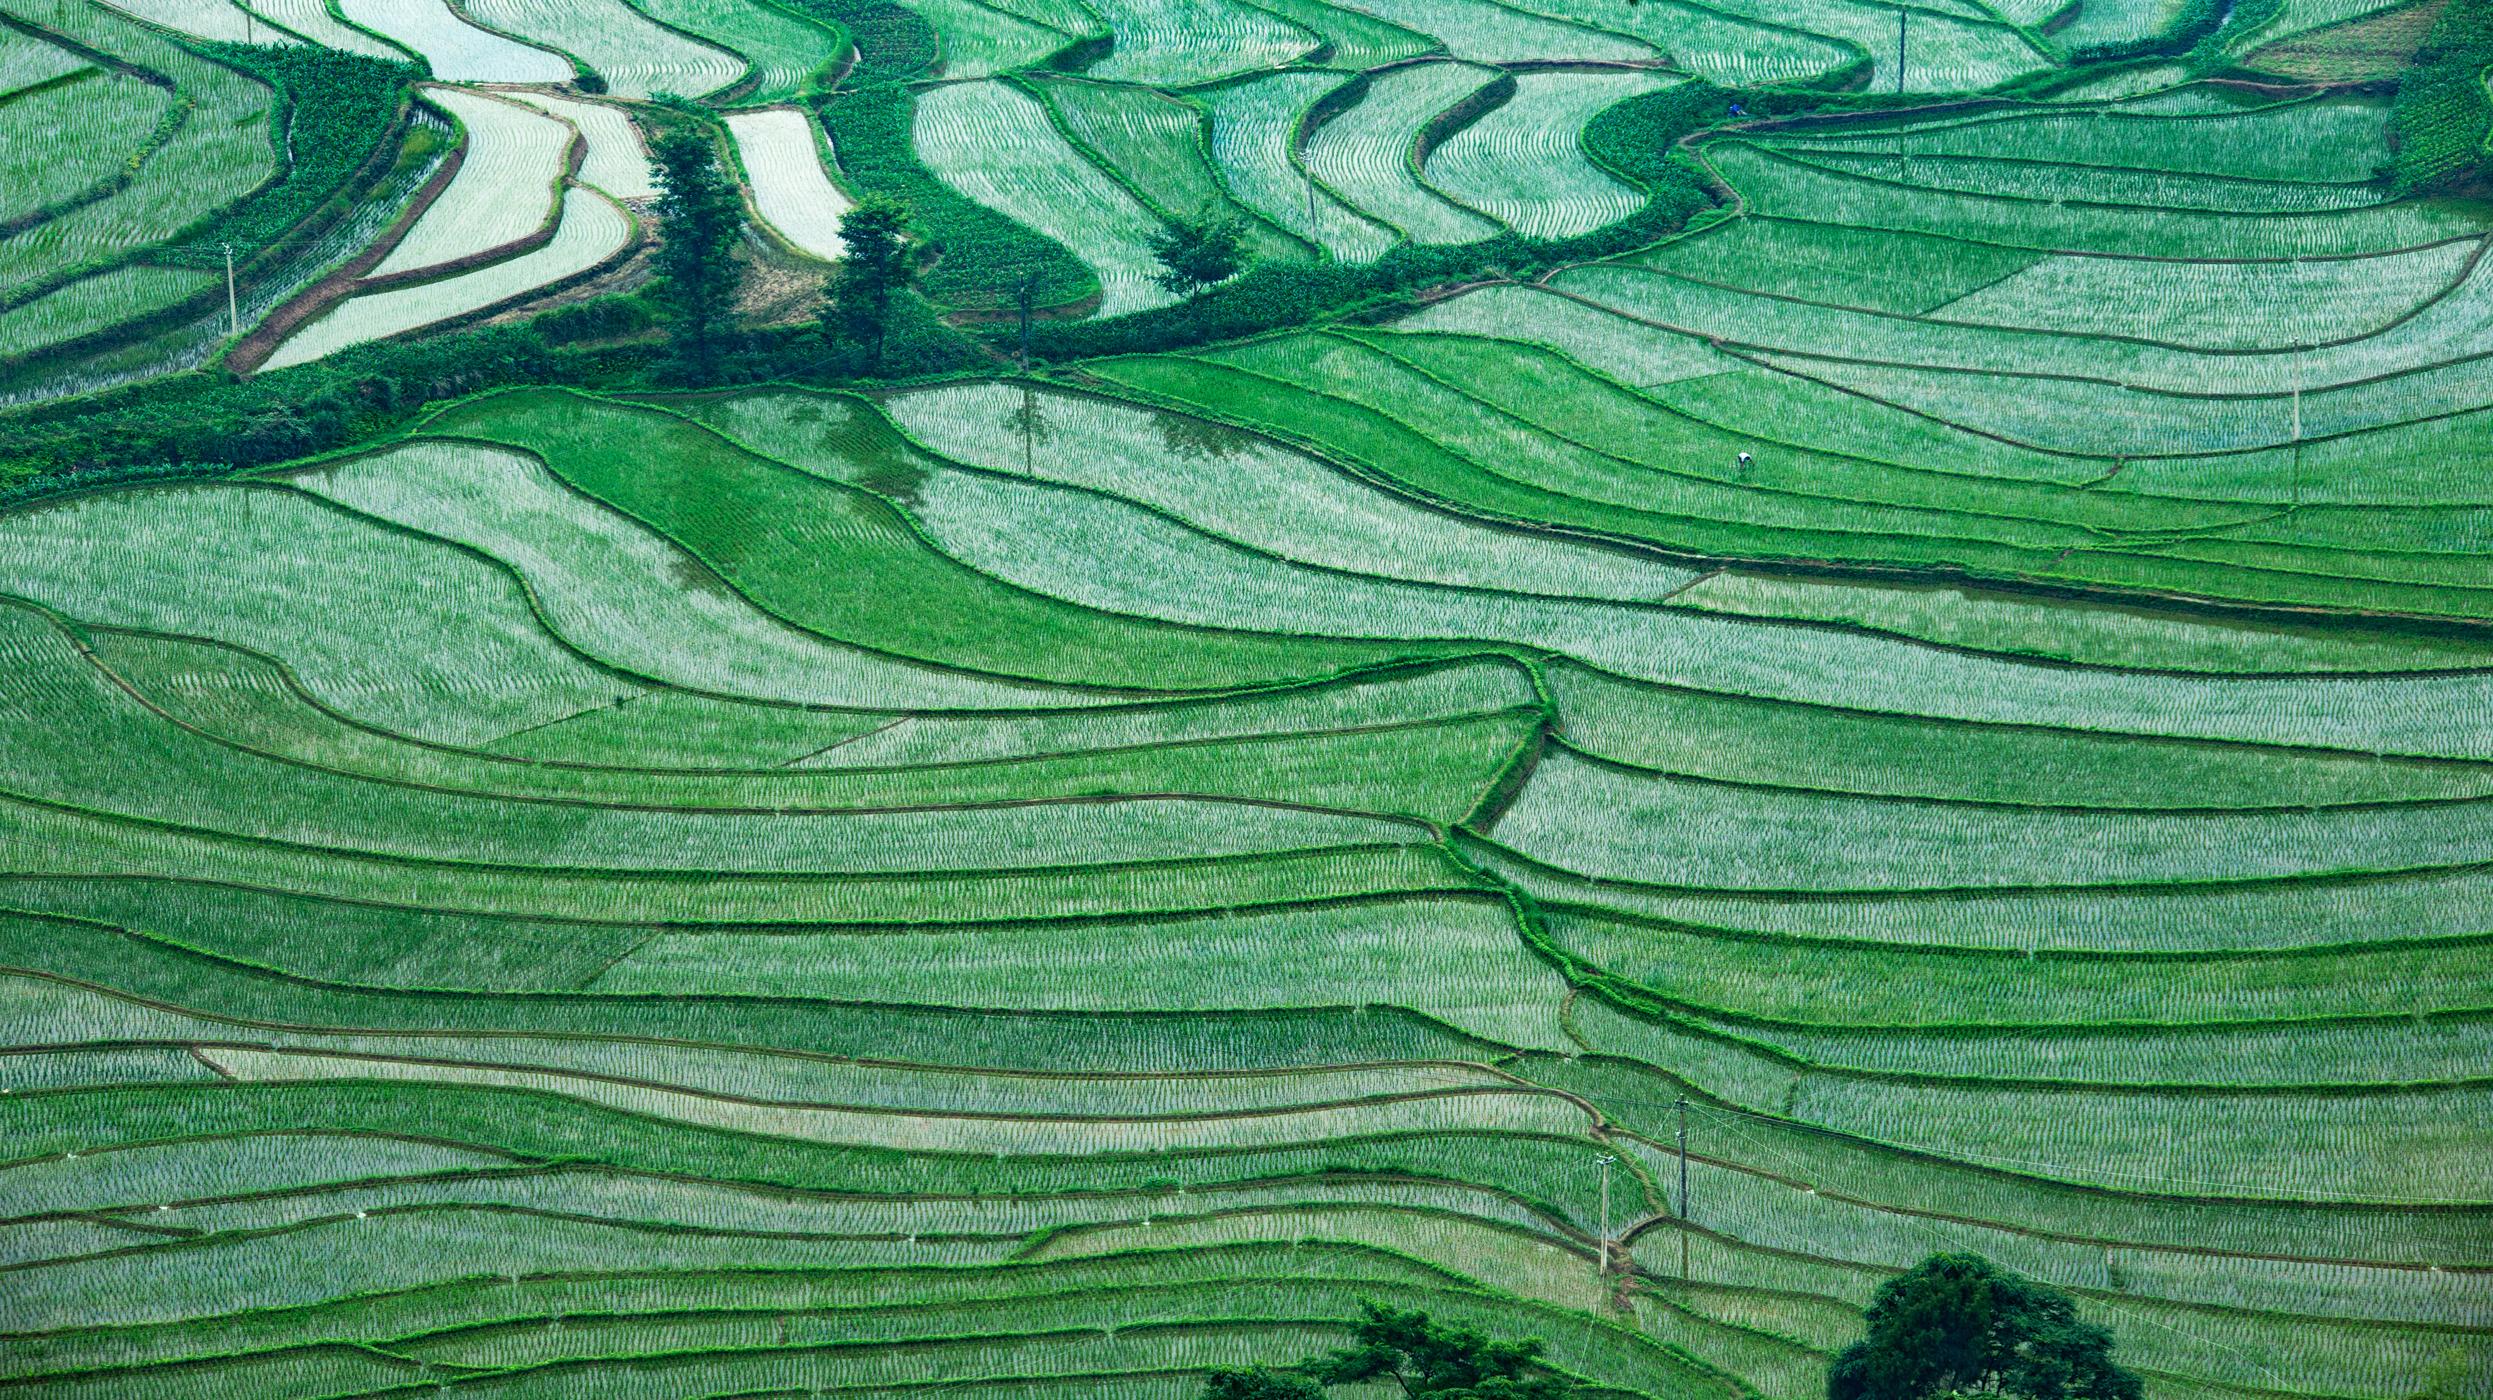 作品名称:  春天的线条  作者名称:肖华林 作品简介:摄于湖北省利川